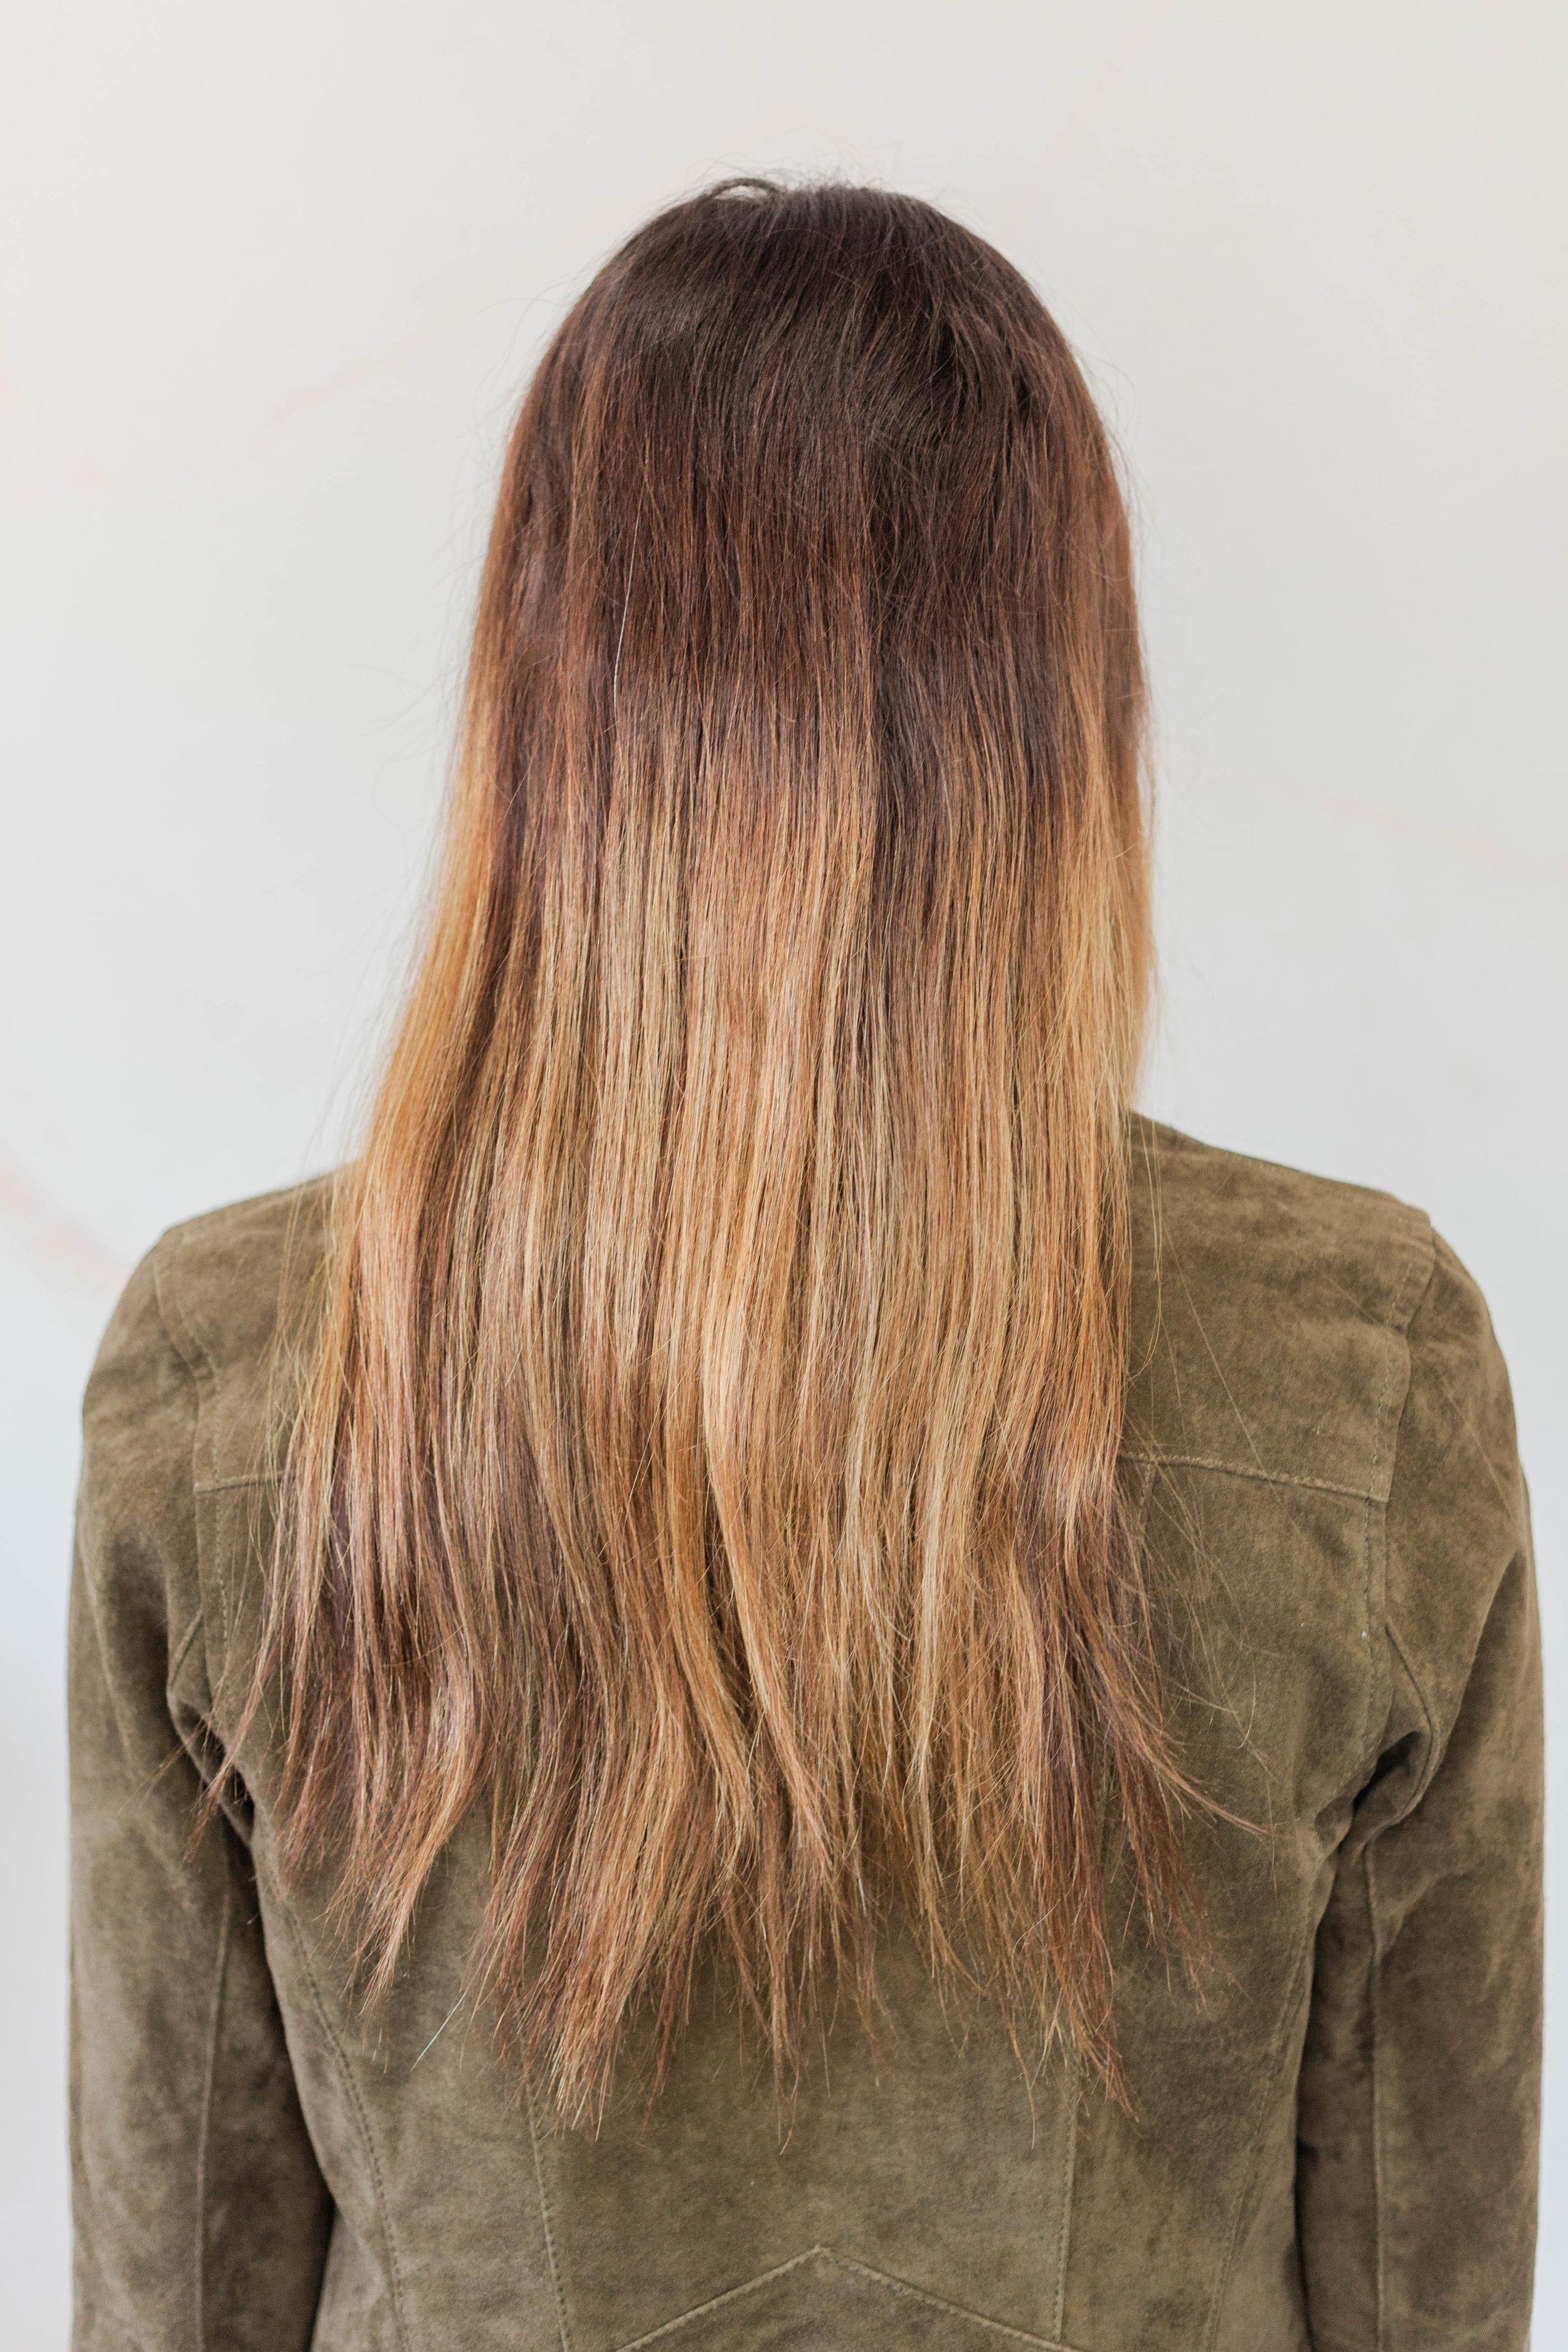 tape in hair extensions by Crown in colorado springs